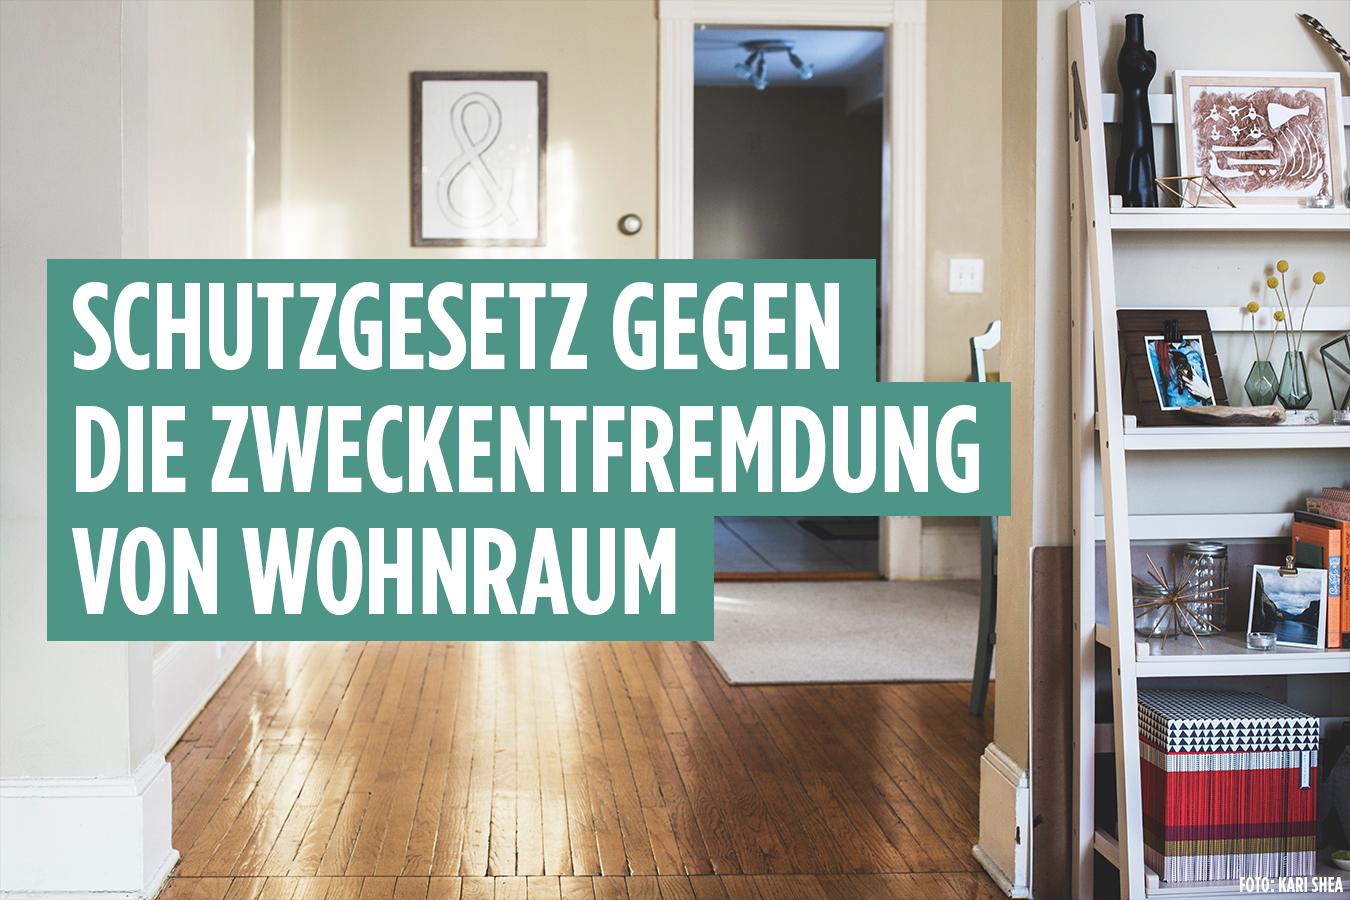 Schutzgesetz Gegen Zweckentfremdung Von Wohnraum Spd Fraktion Hessen